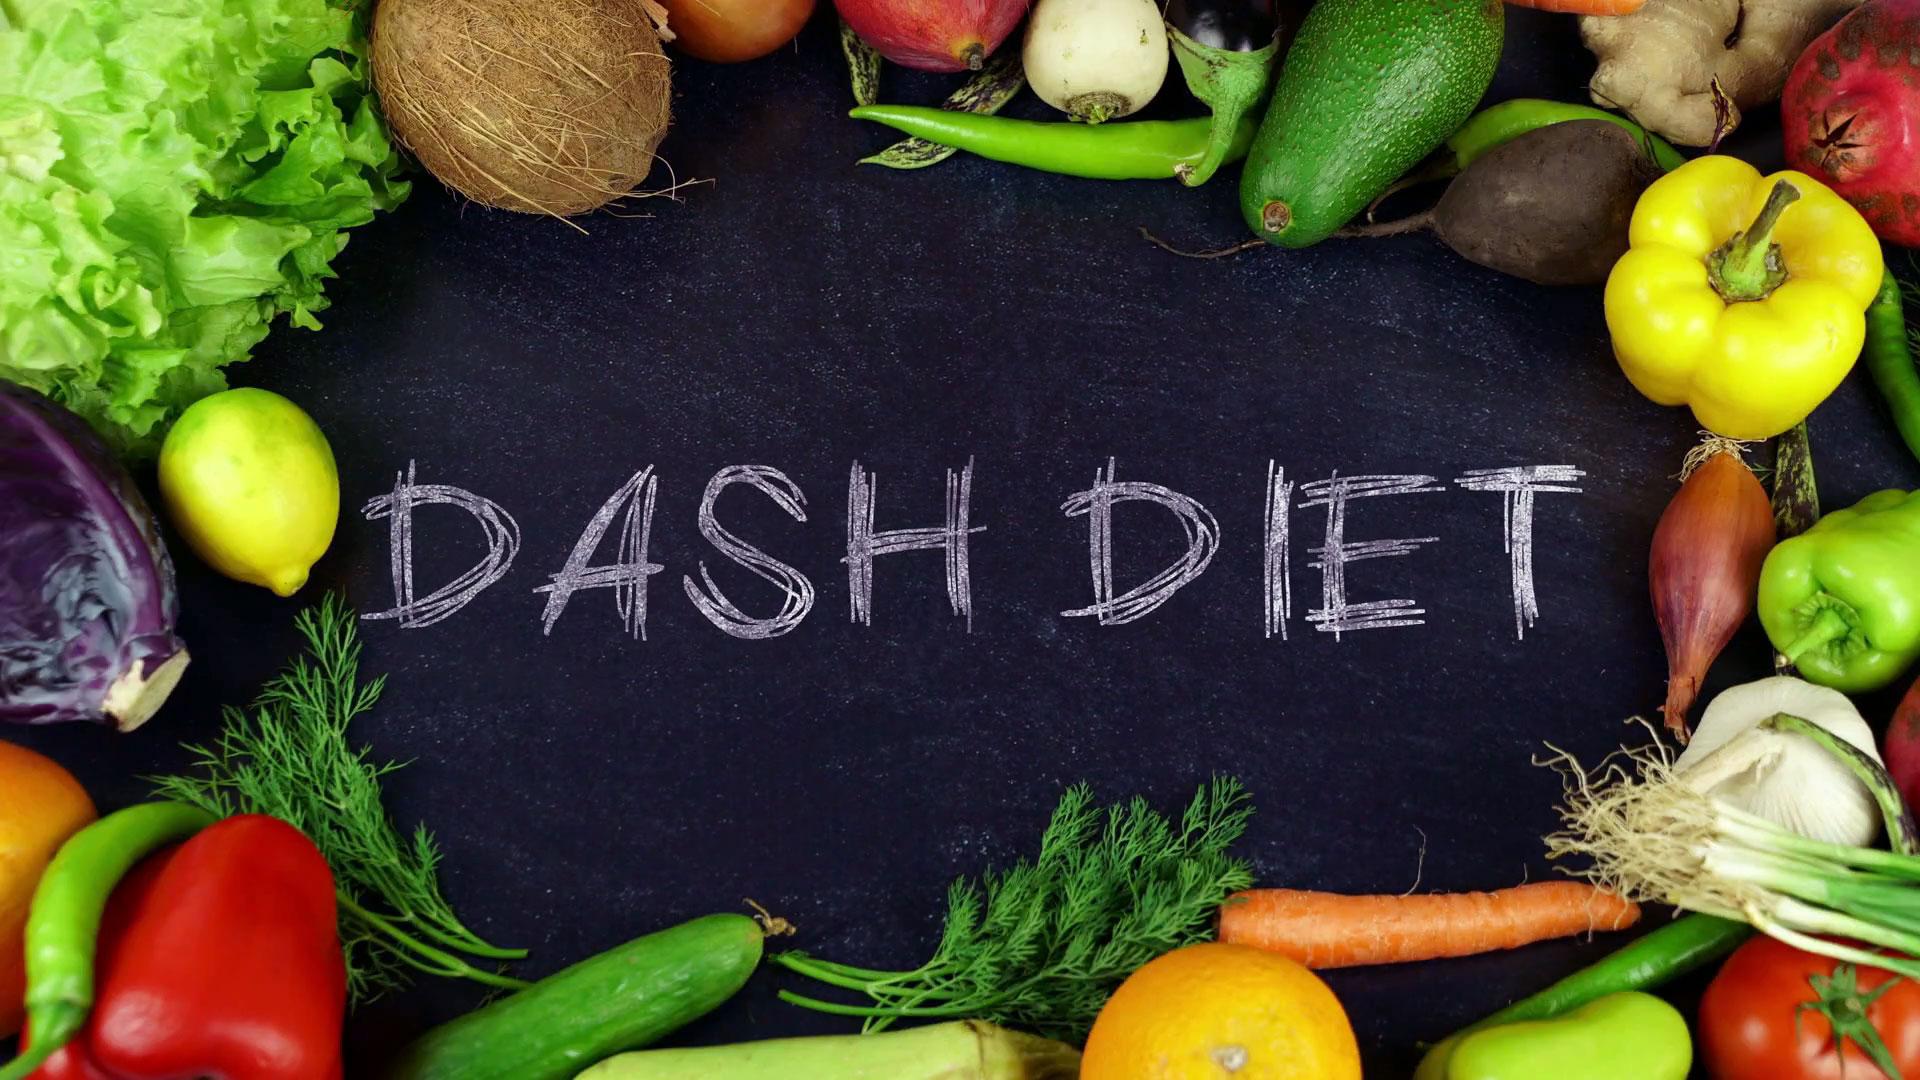 DASH diet 1